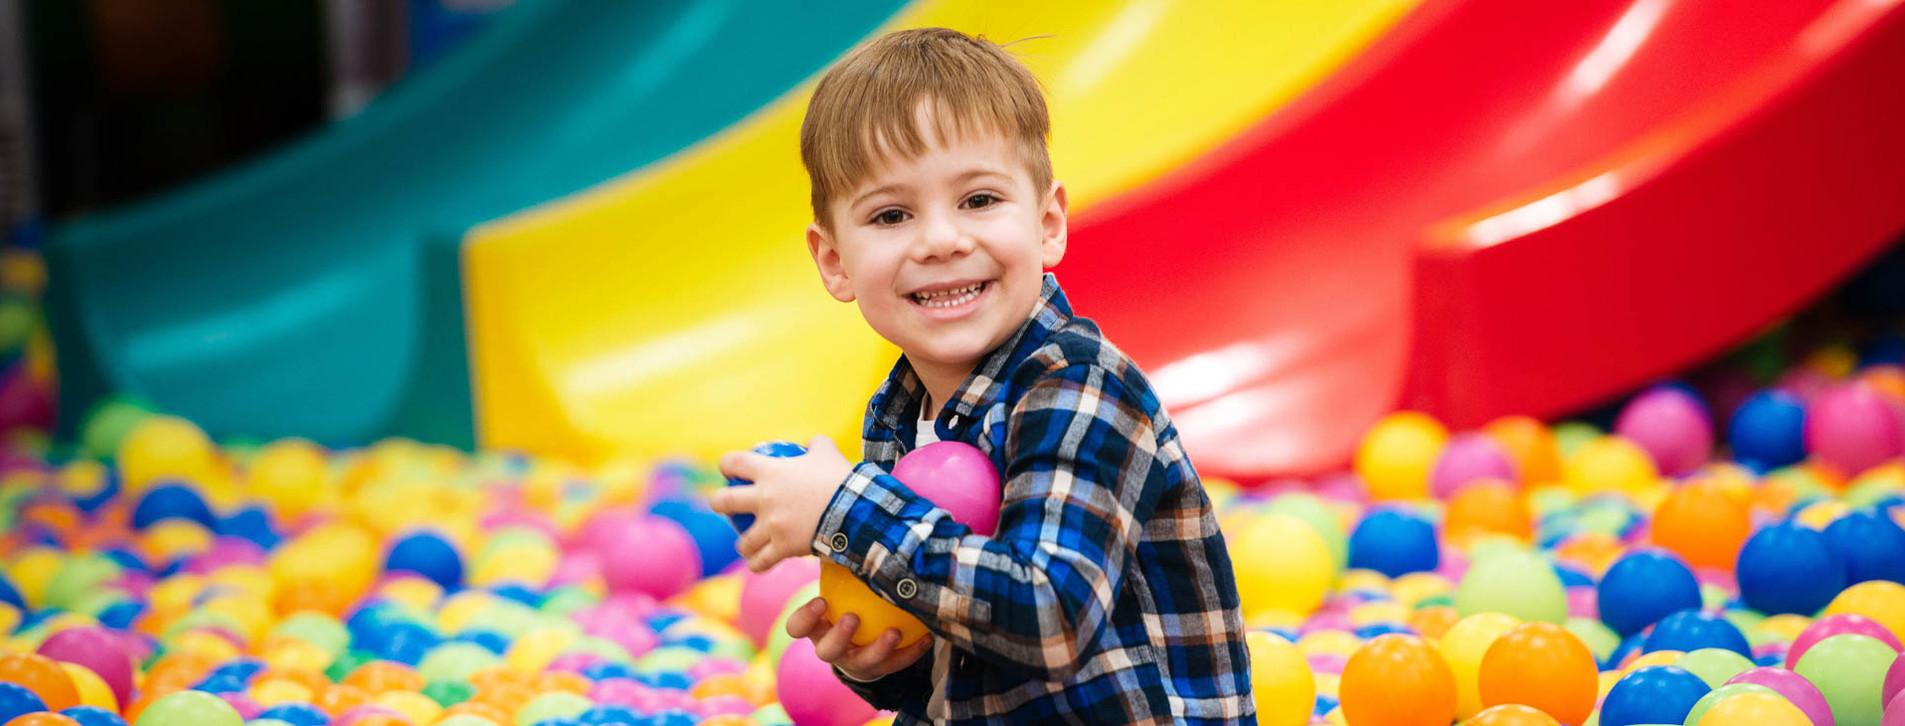 Фото 1 - Детский парк развлечений для двоих